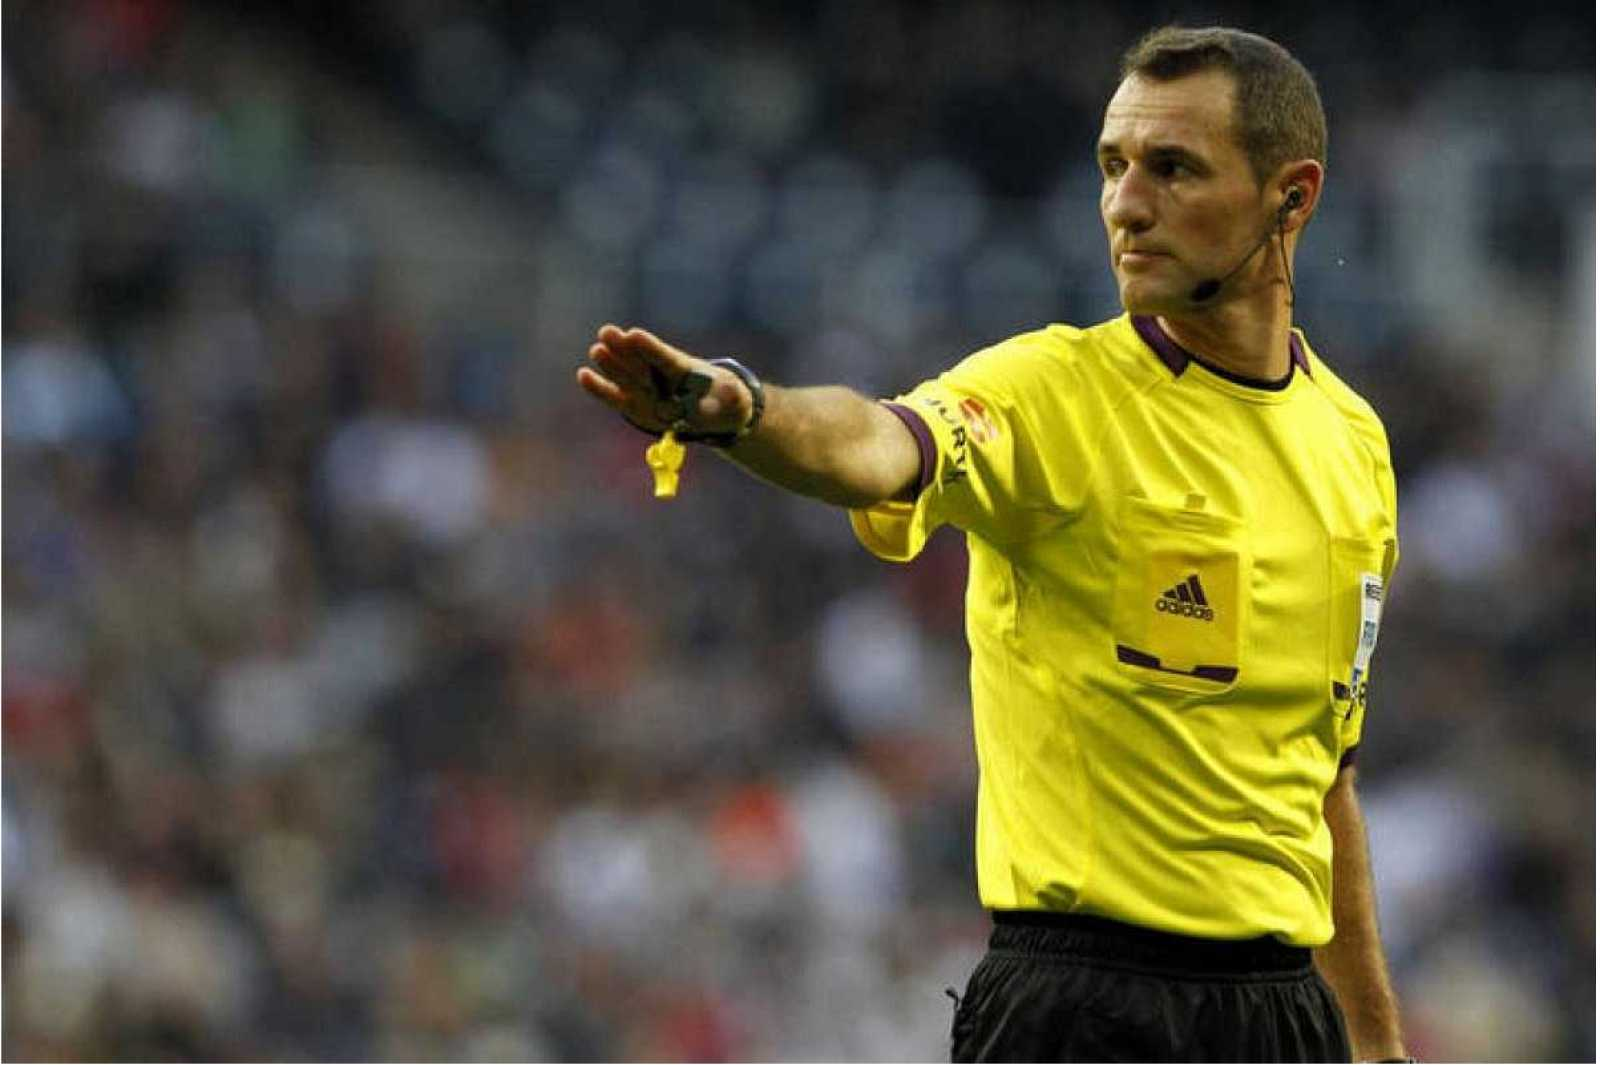 Radiogaceta de los deportes - Clos Gómez: ¿El Fútbol está lleno de decisiones que son muy difíciles de valorar¿ - Escuchar ahora